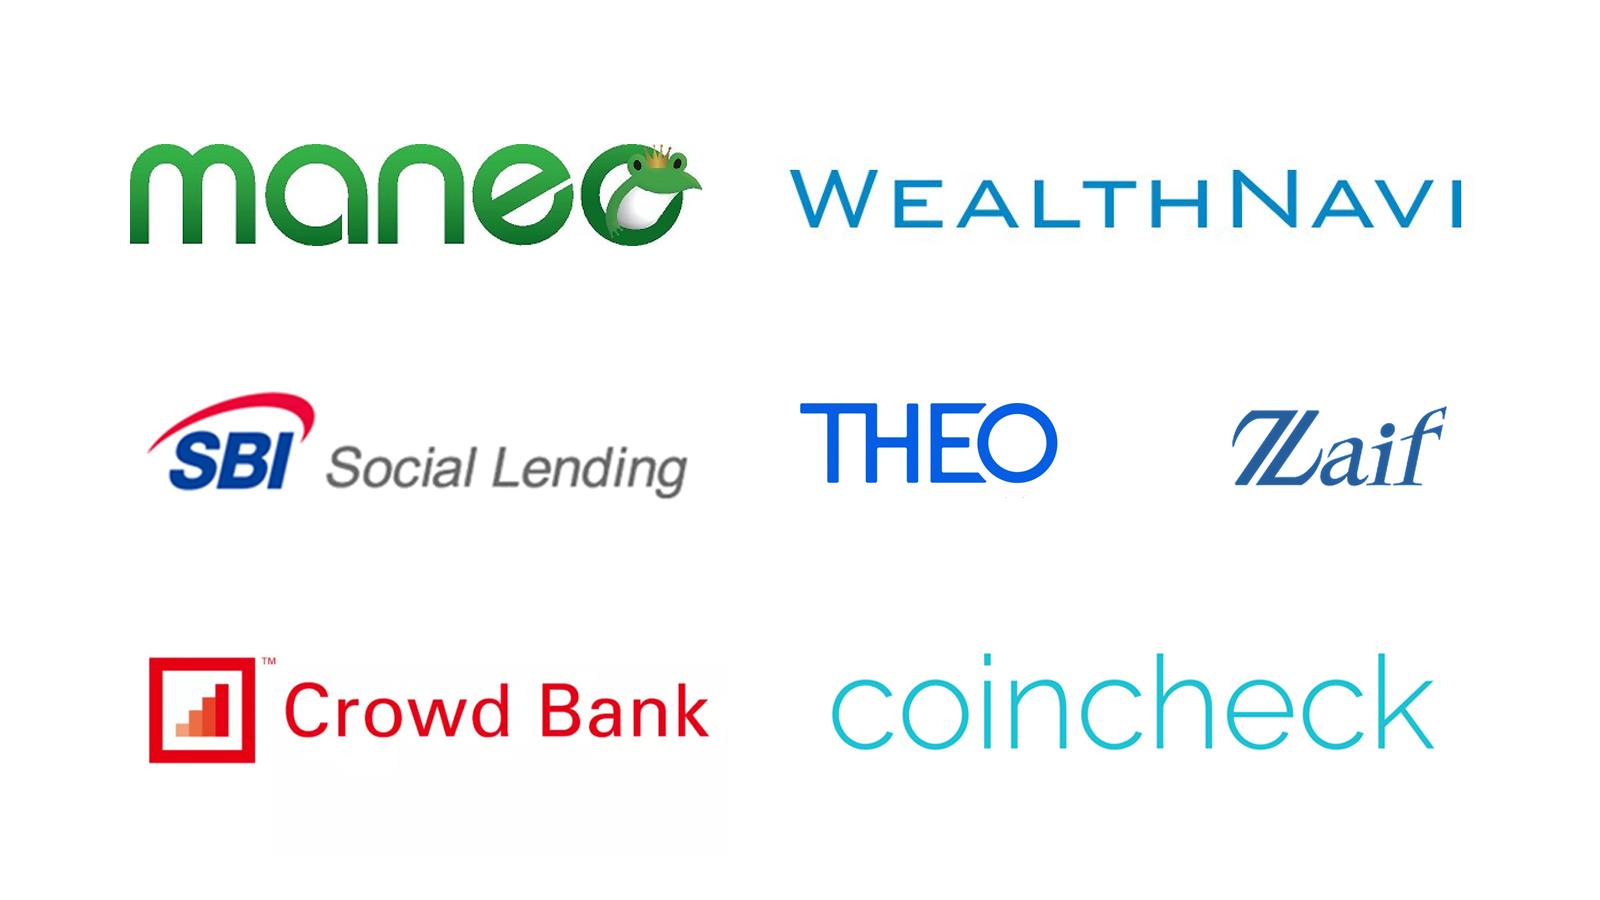 ソーシャルレンディング、ロボット投資、仮想通貨 投資スタート